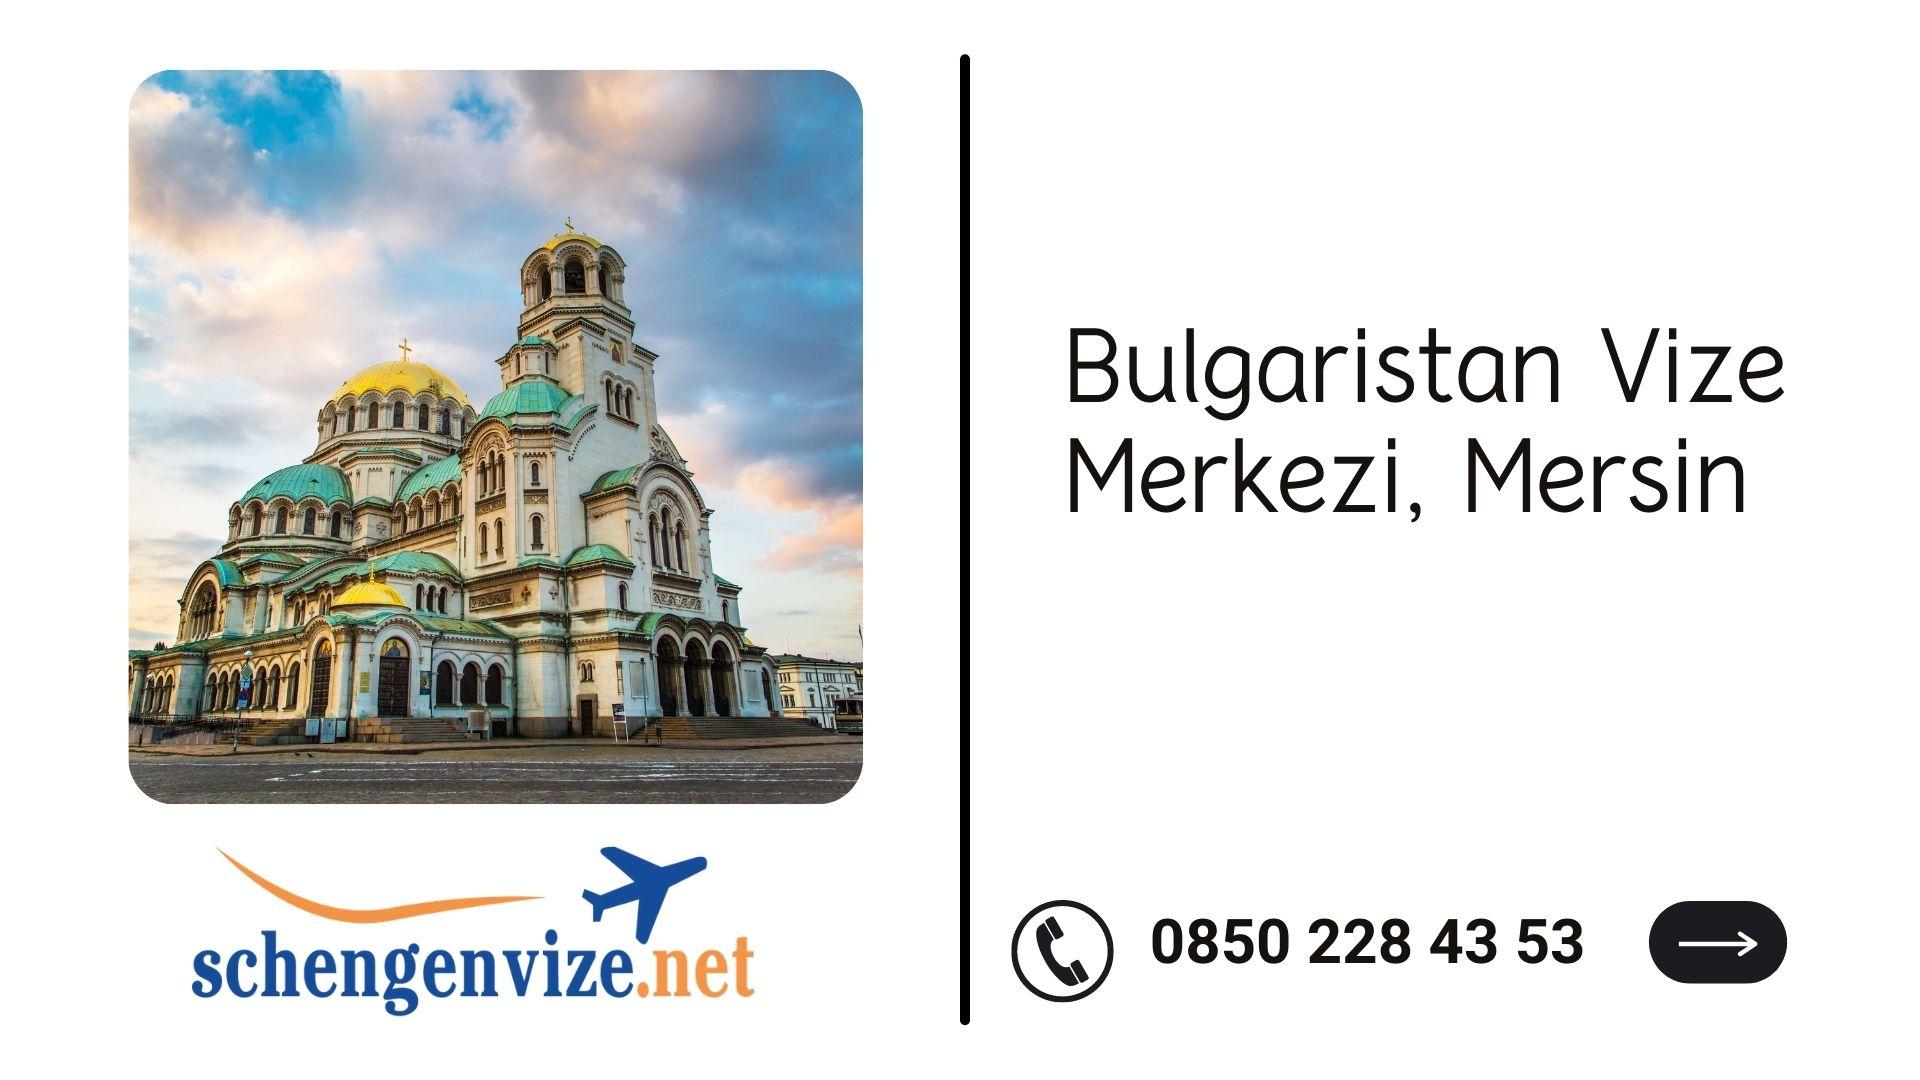 Bulgaristan Vize Merkezi, Mersin